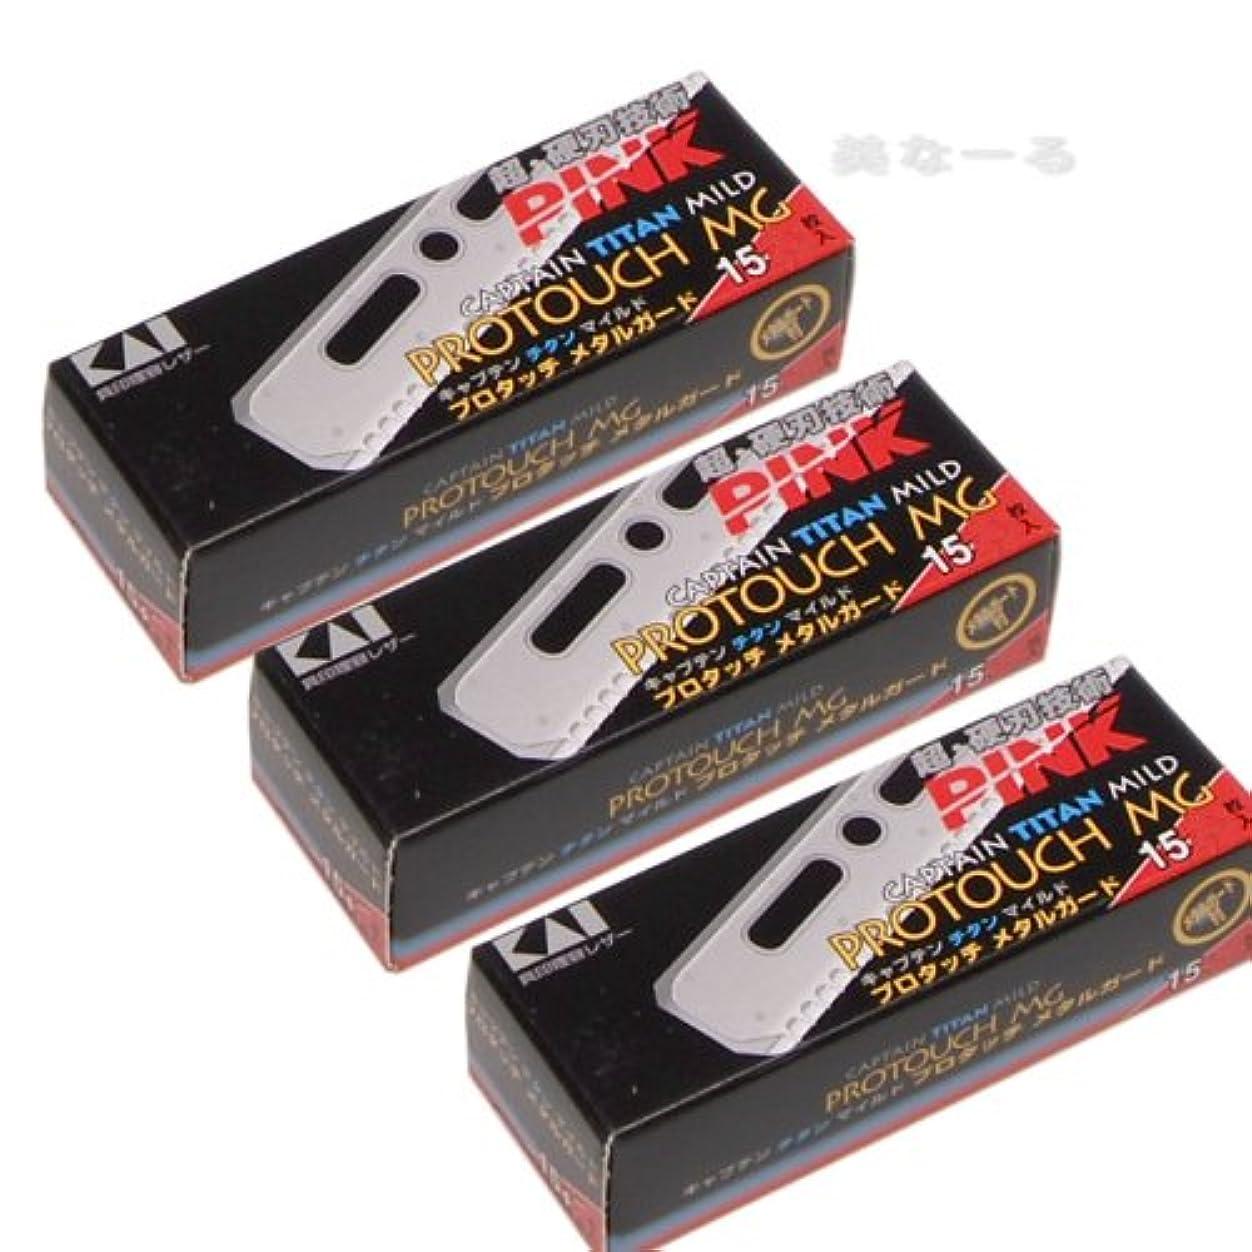 代表団篭溶接カイキャプテン チタンマイルド プロタッチメタルガード替刃 15枚入り×3個